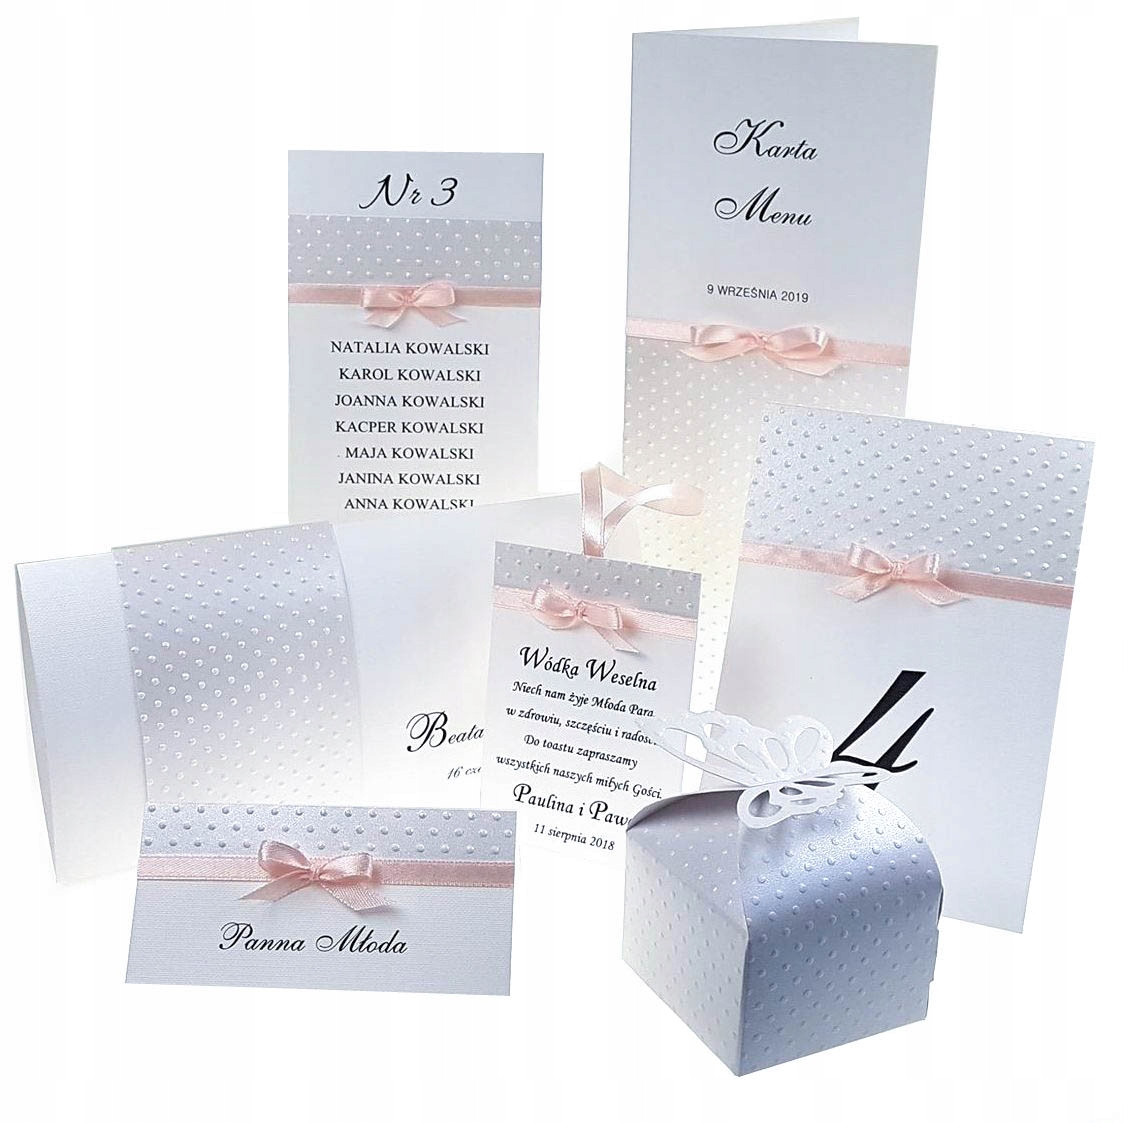 Tłoczone Zaproszenia ślubne W Opasce Hit Zp001 7585854487 Allegro